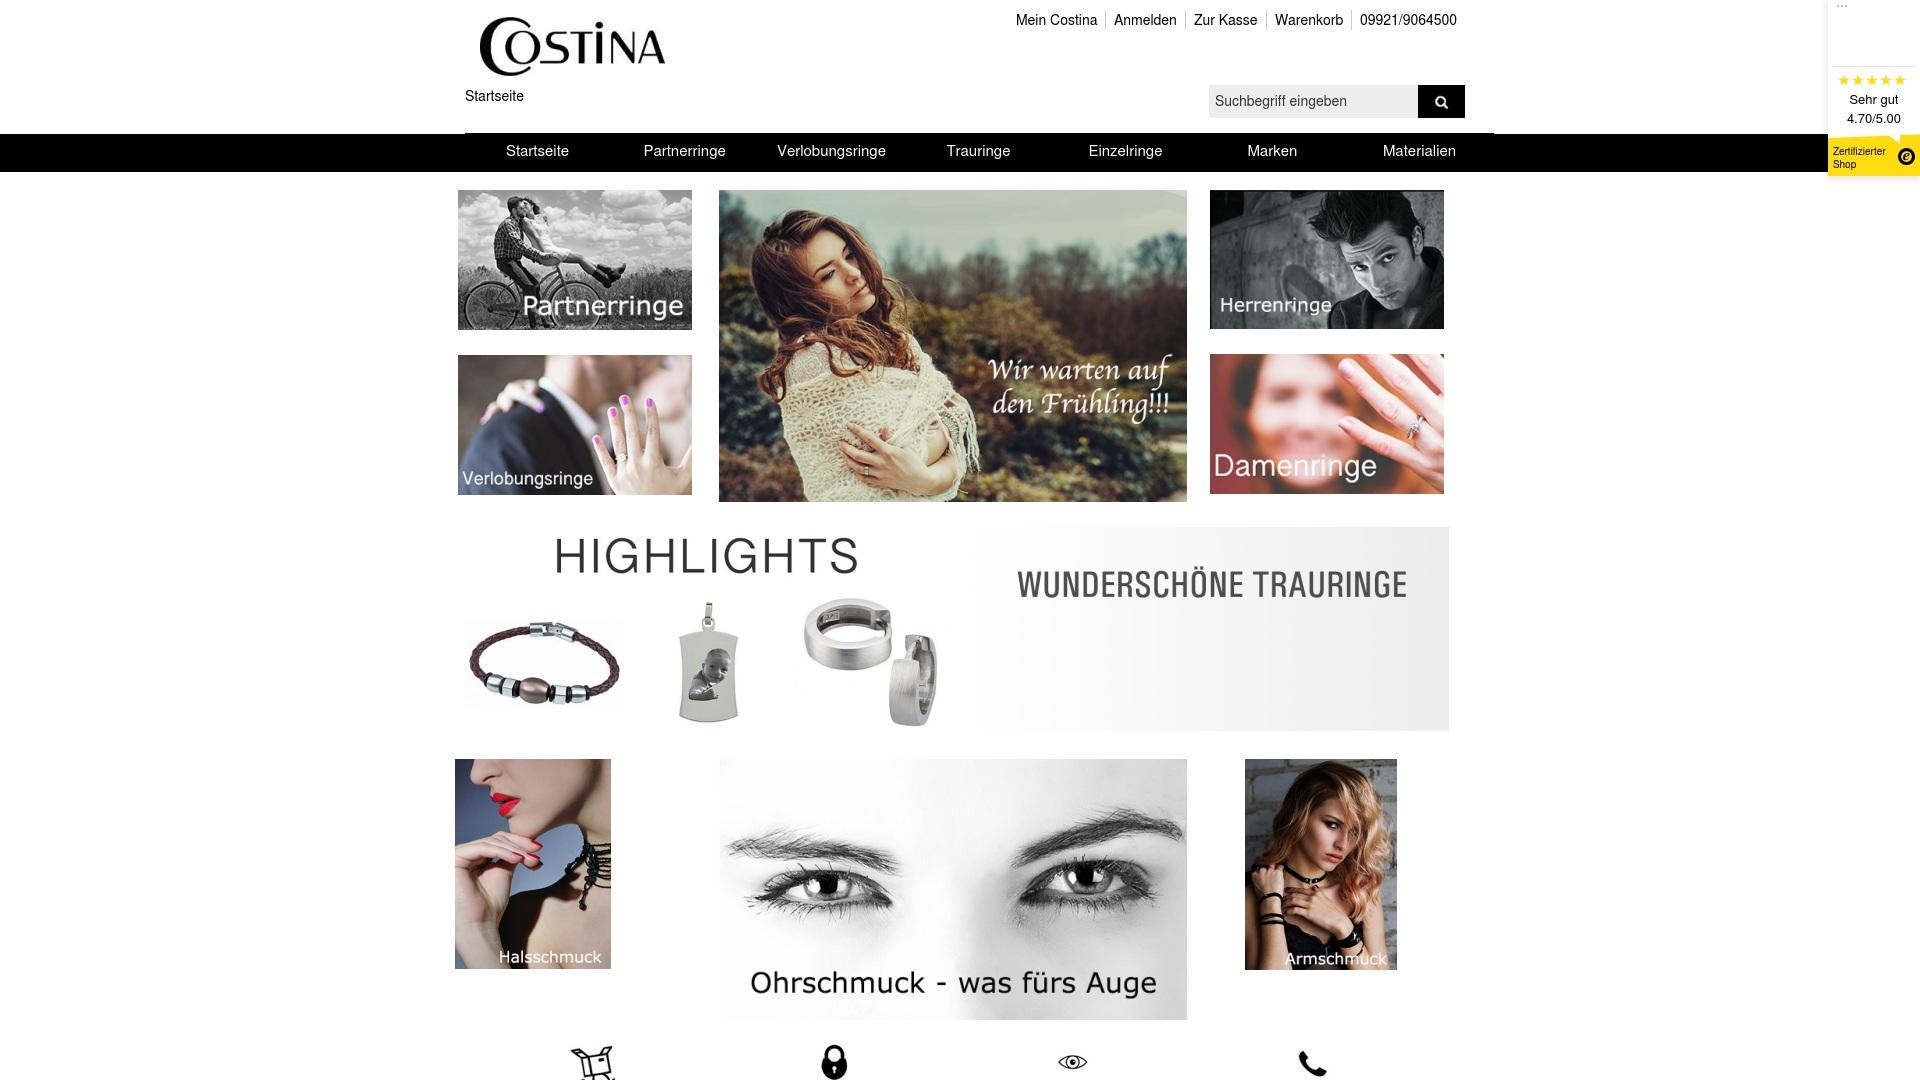 Gutschein für Costina-schmuck: Rabatte für  Costina-schmuck sichern